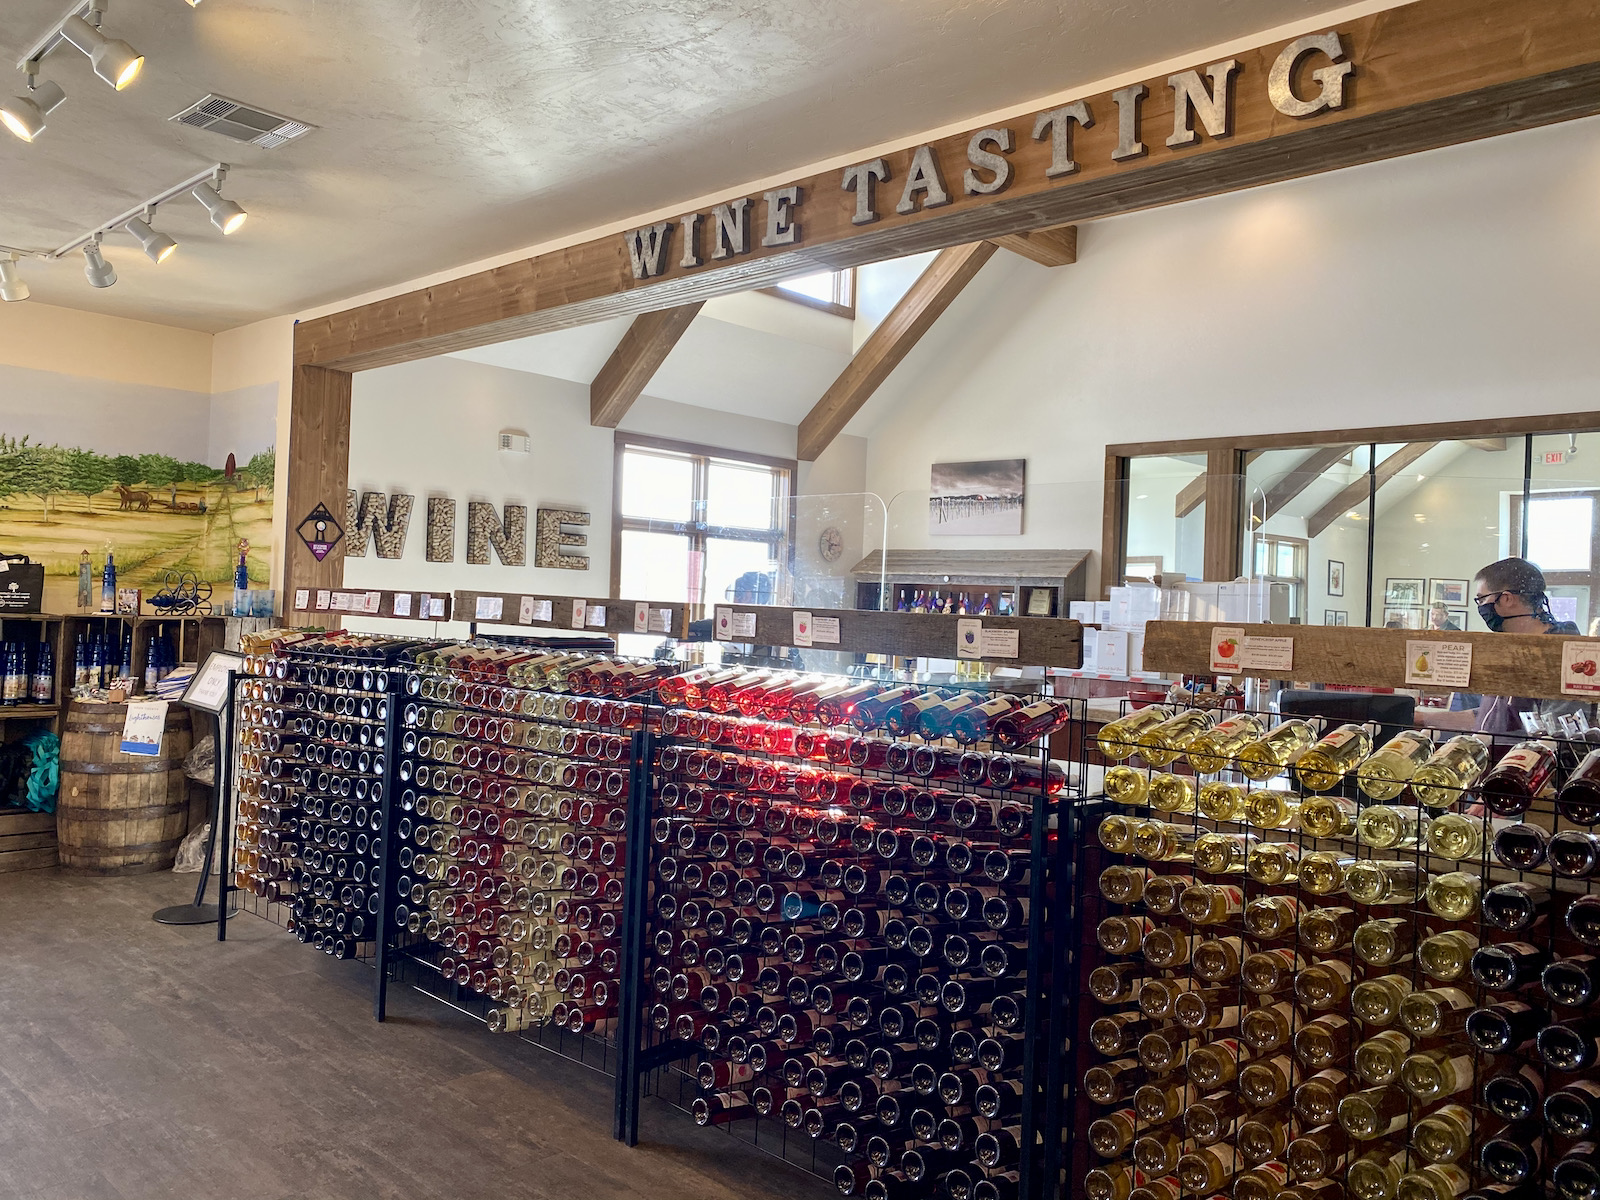 Wine tasting area at Lautenbach's Market